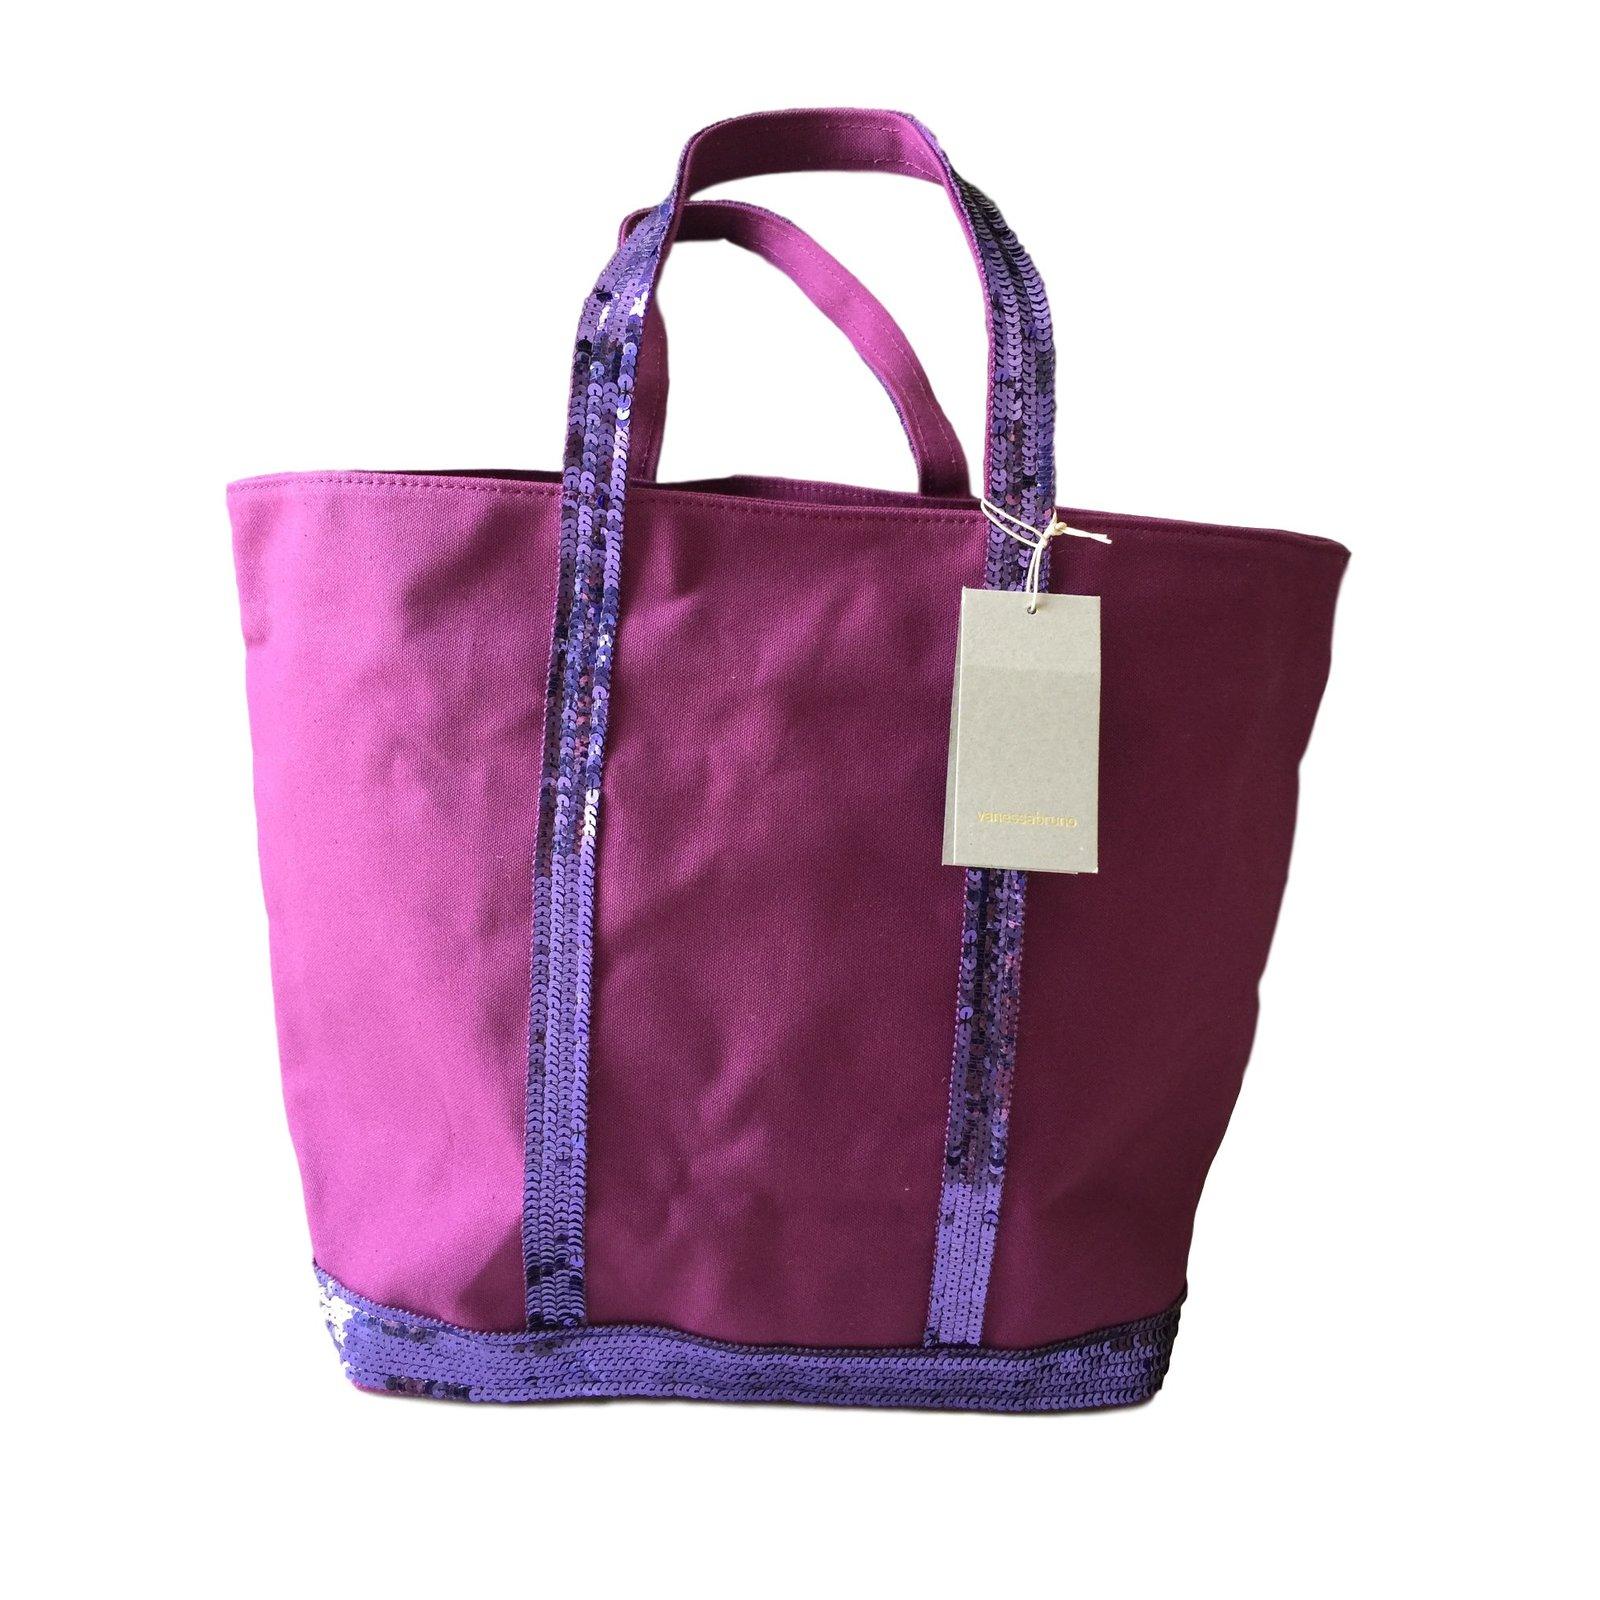 sacs main vanessa bruno cabas moyen toile et paillettes avec zip coton violet. Black Bedroom Furniture Sets. Home Design Ideas